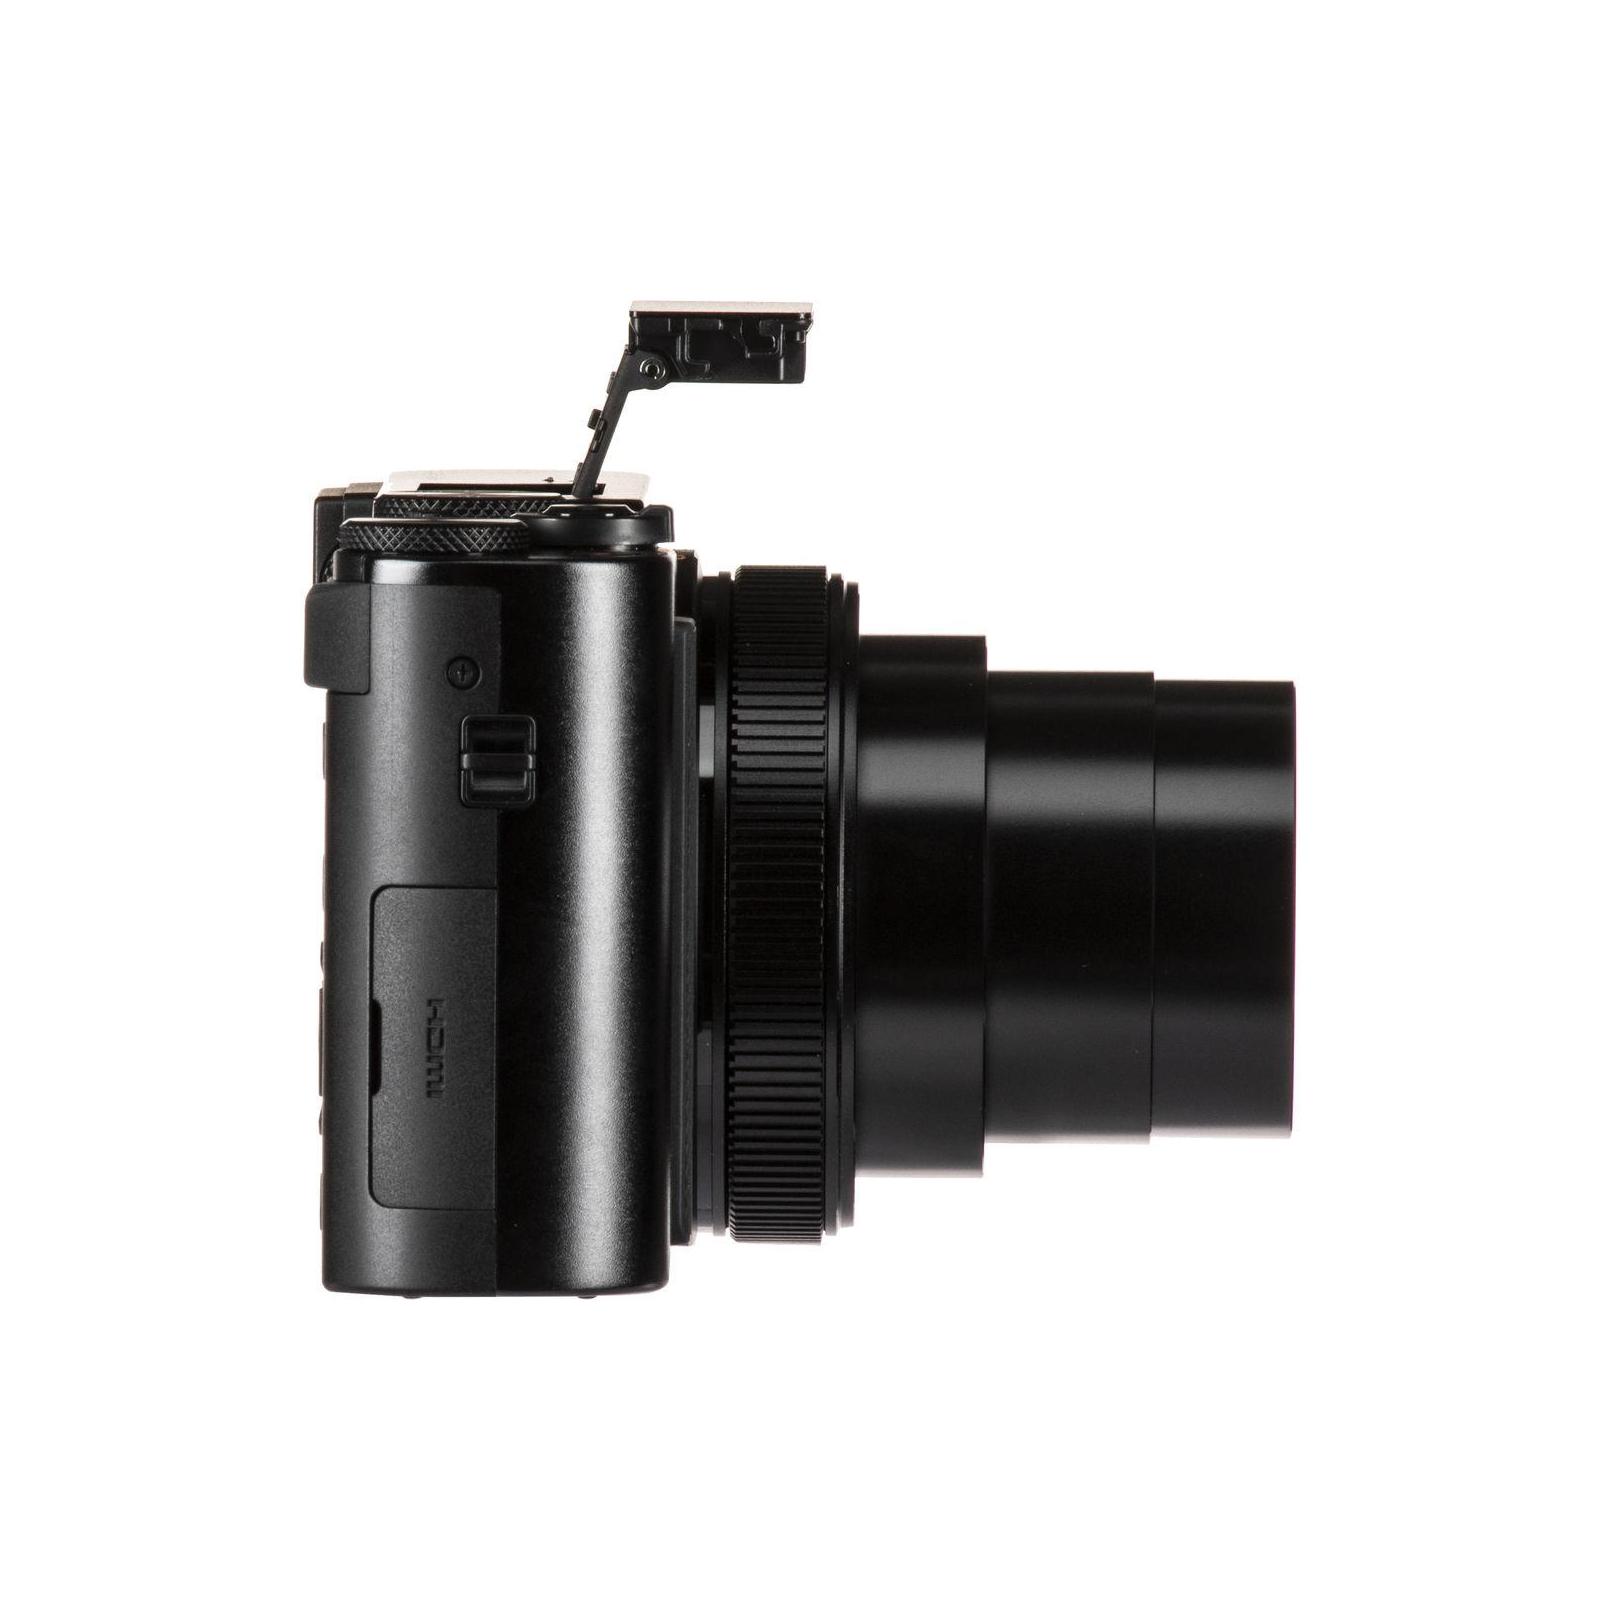 Цифровой фотоаппарат PANASONIC LUMIX DC-TZ200 Black (DC-TZ200EE-K) изображение 9